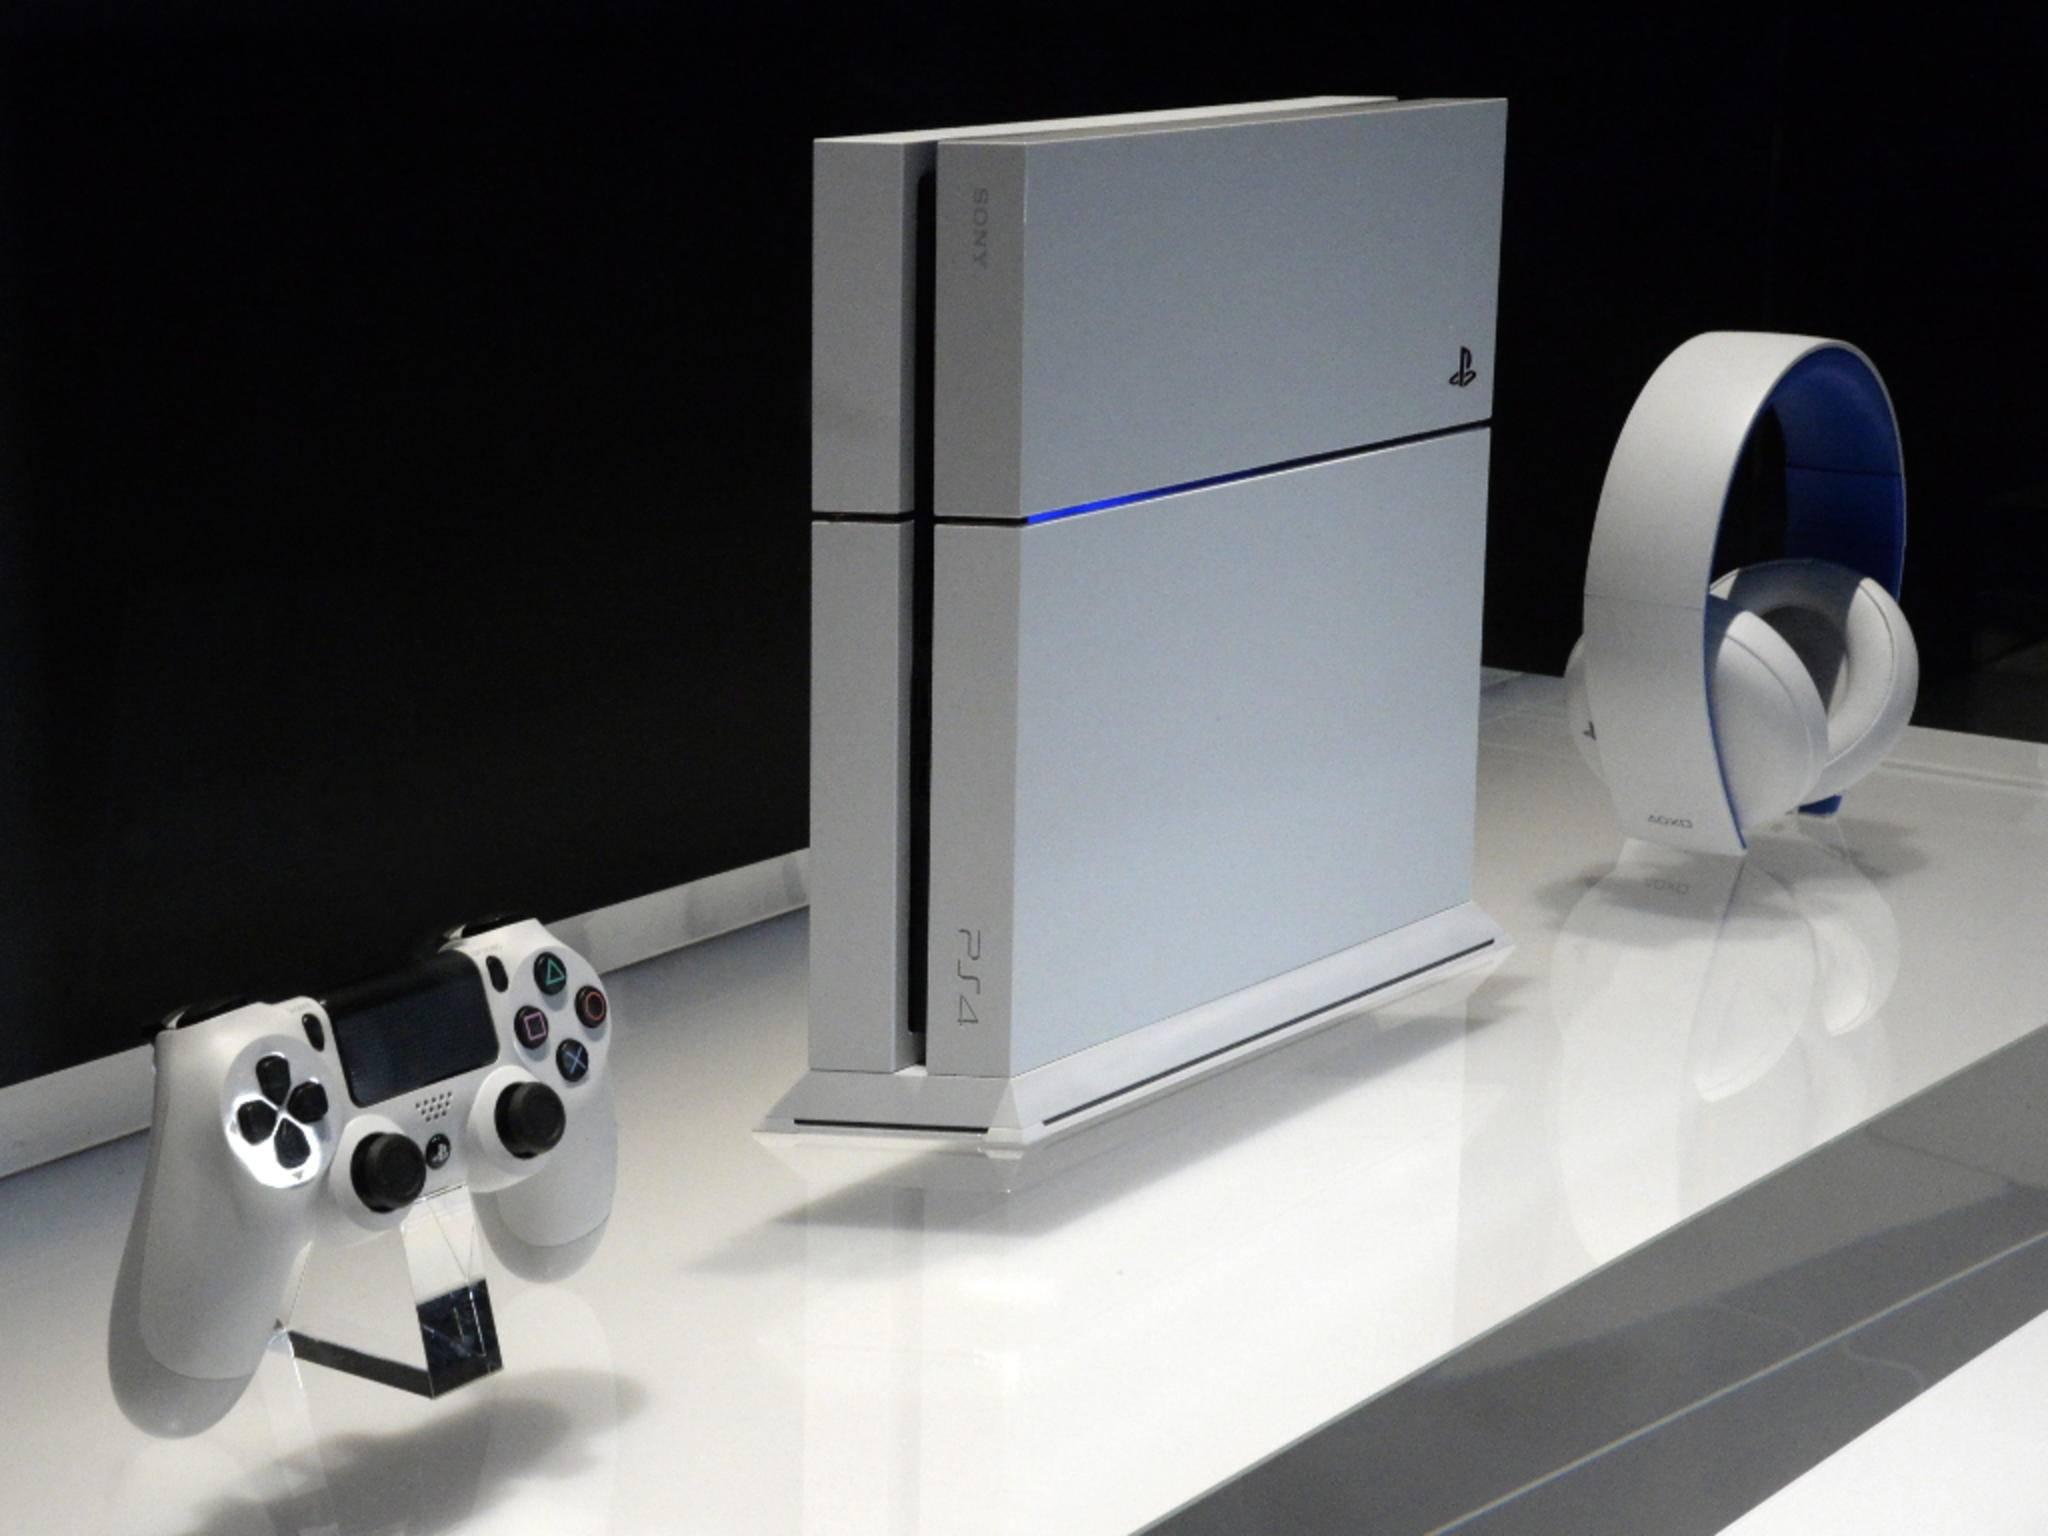 PlayStation 4 mit Zubehör